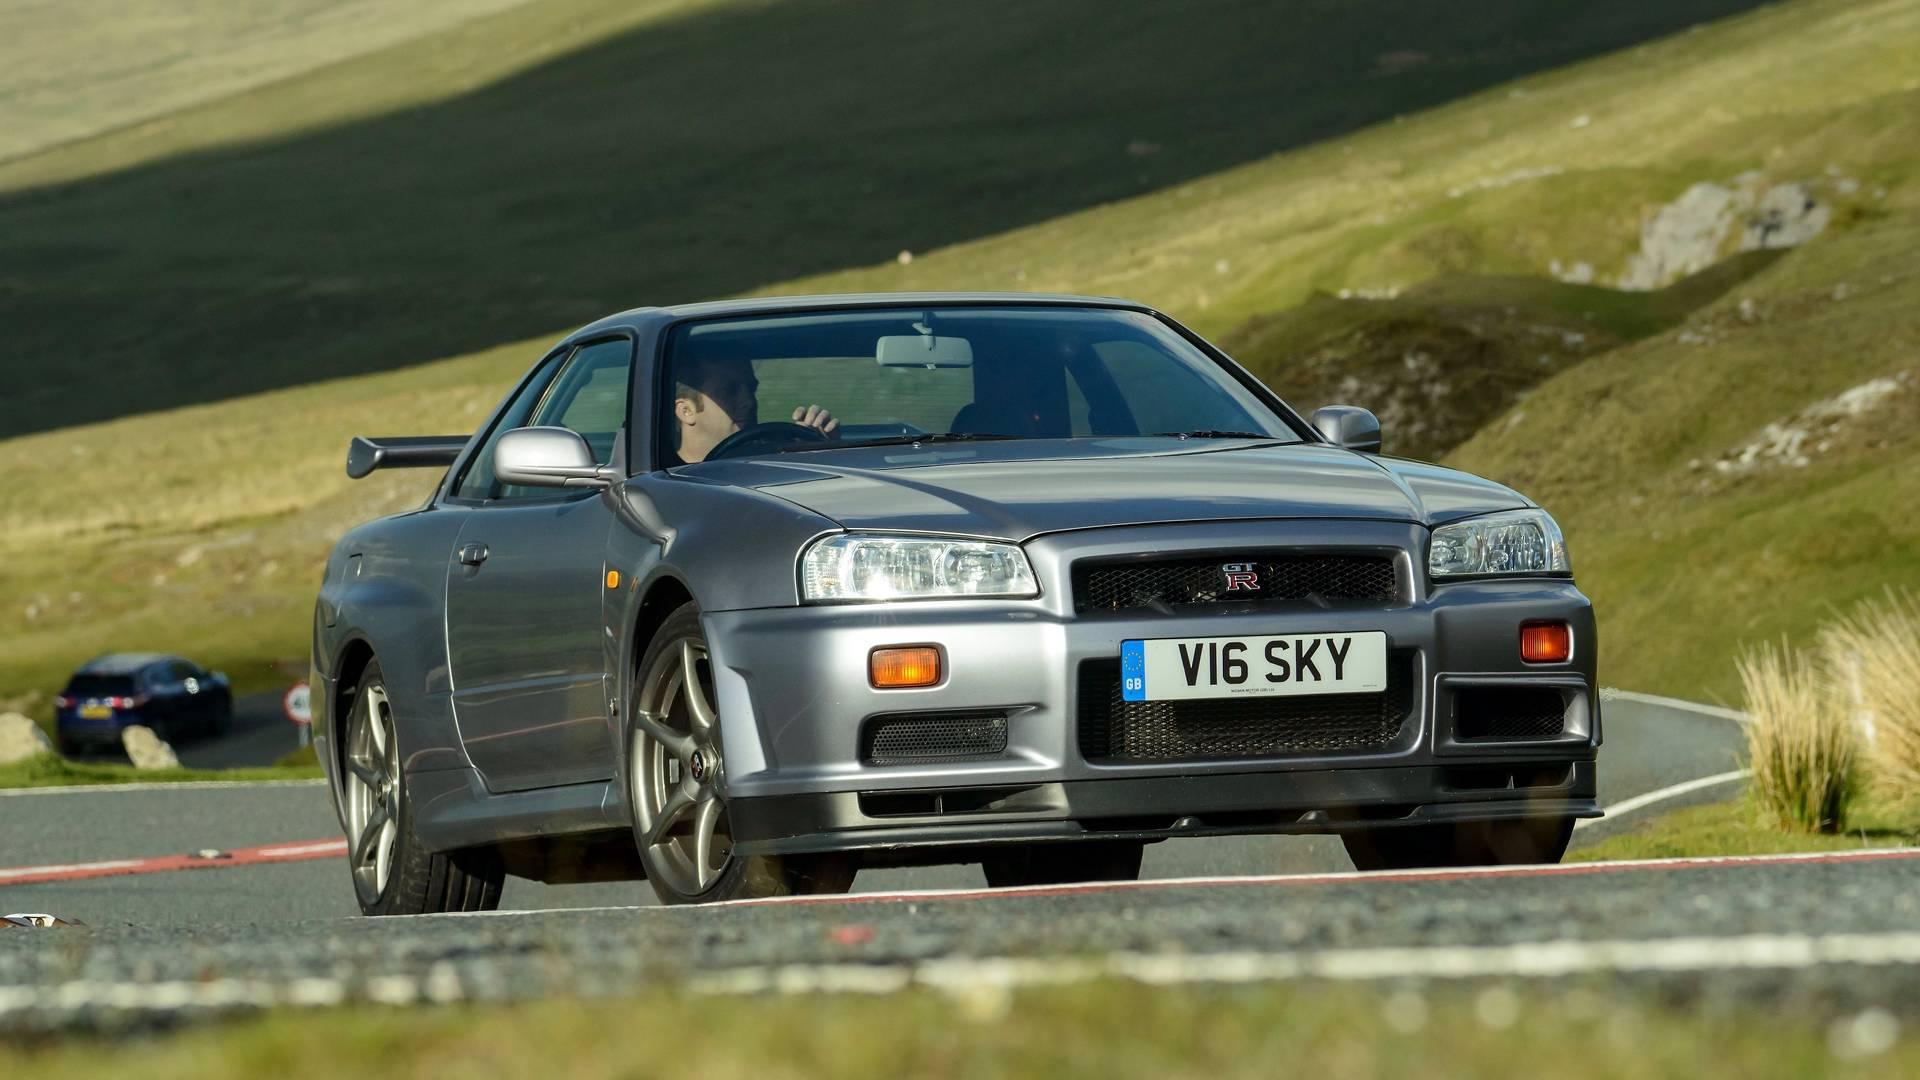 motor1 legends 1999 nissan skyline gt r r34. Black Bedroom Furniture Sets. Home Design Ideas